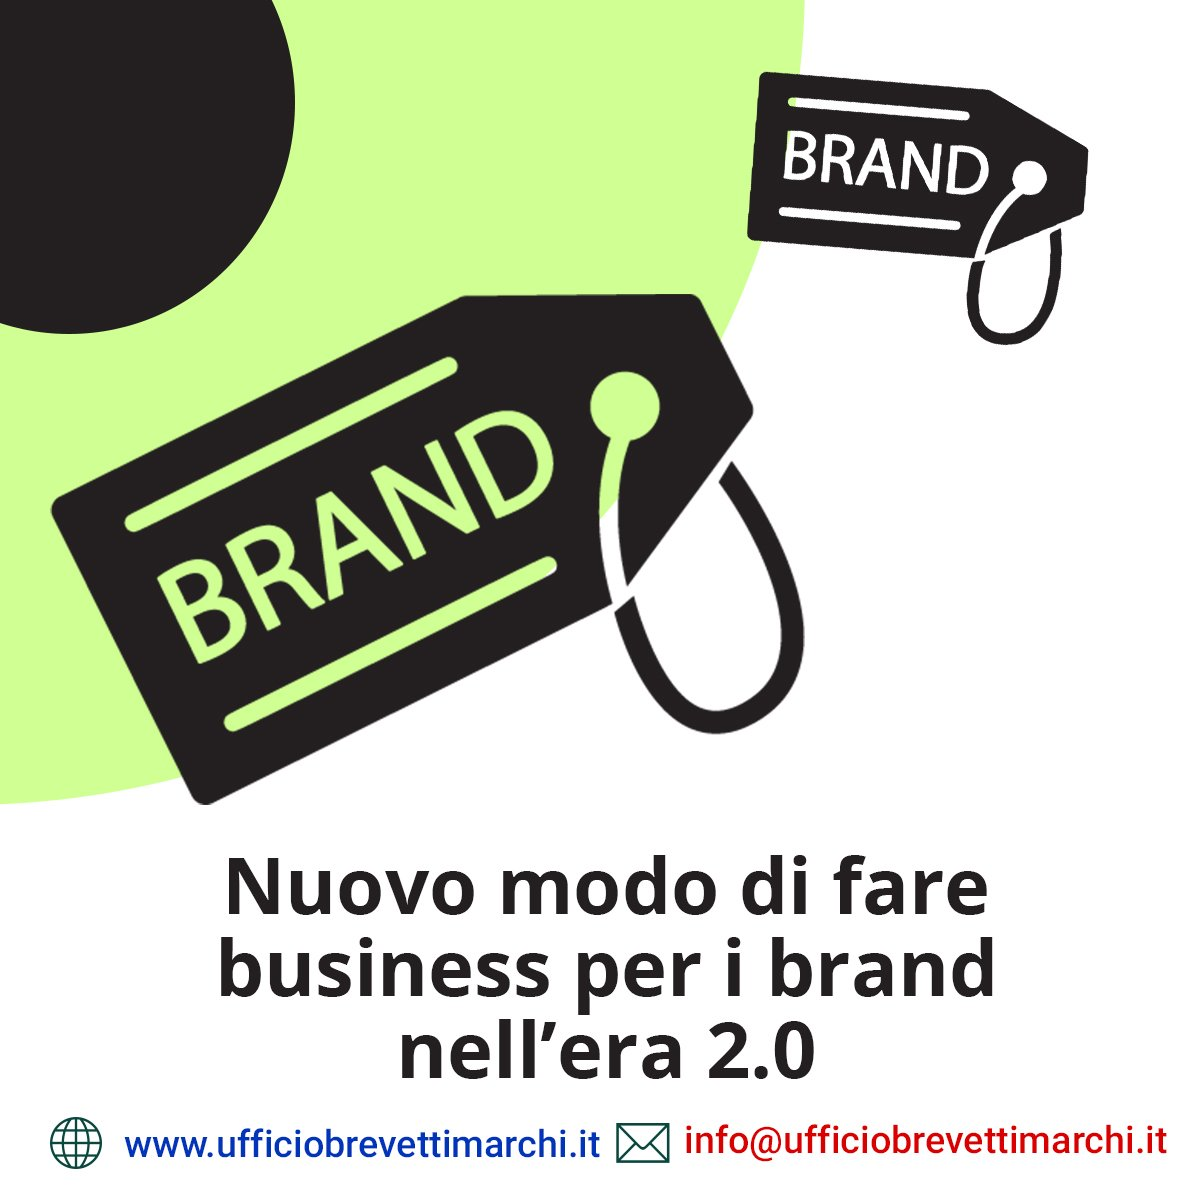 Nuovo modo di fare business per i brand nell'era 2.0